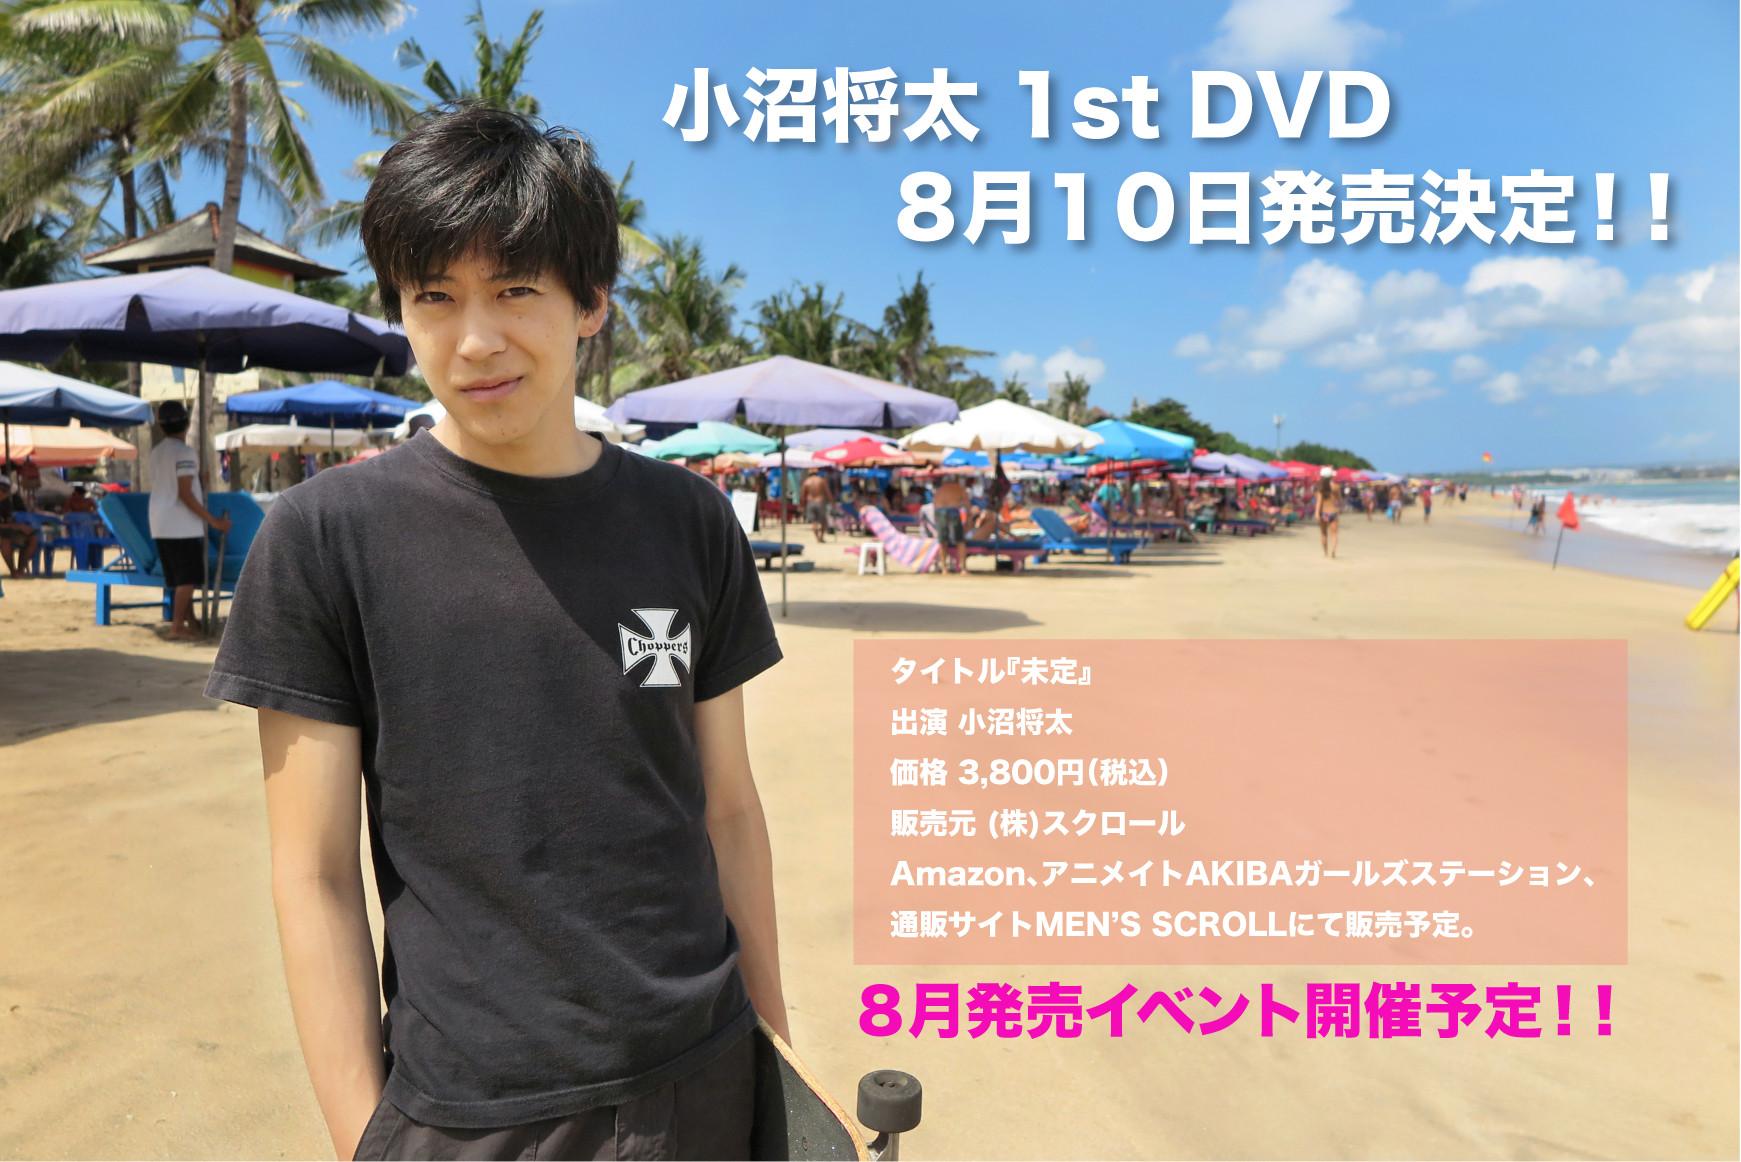 小沼将太さん1st DVD発売決定!&特別先行予約について